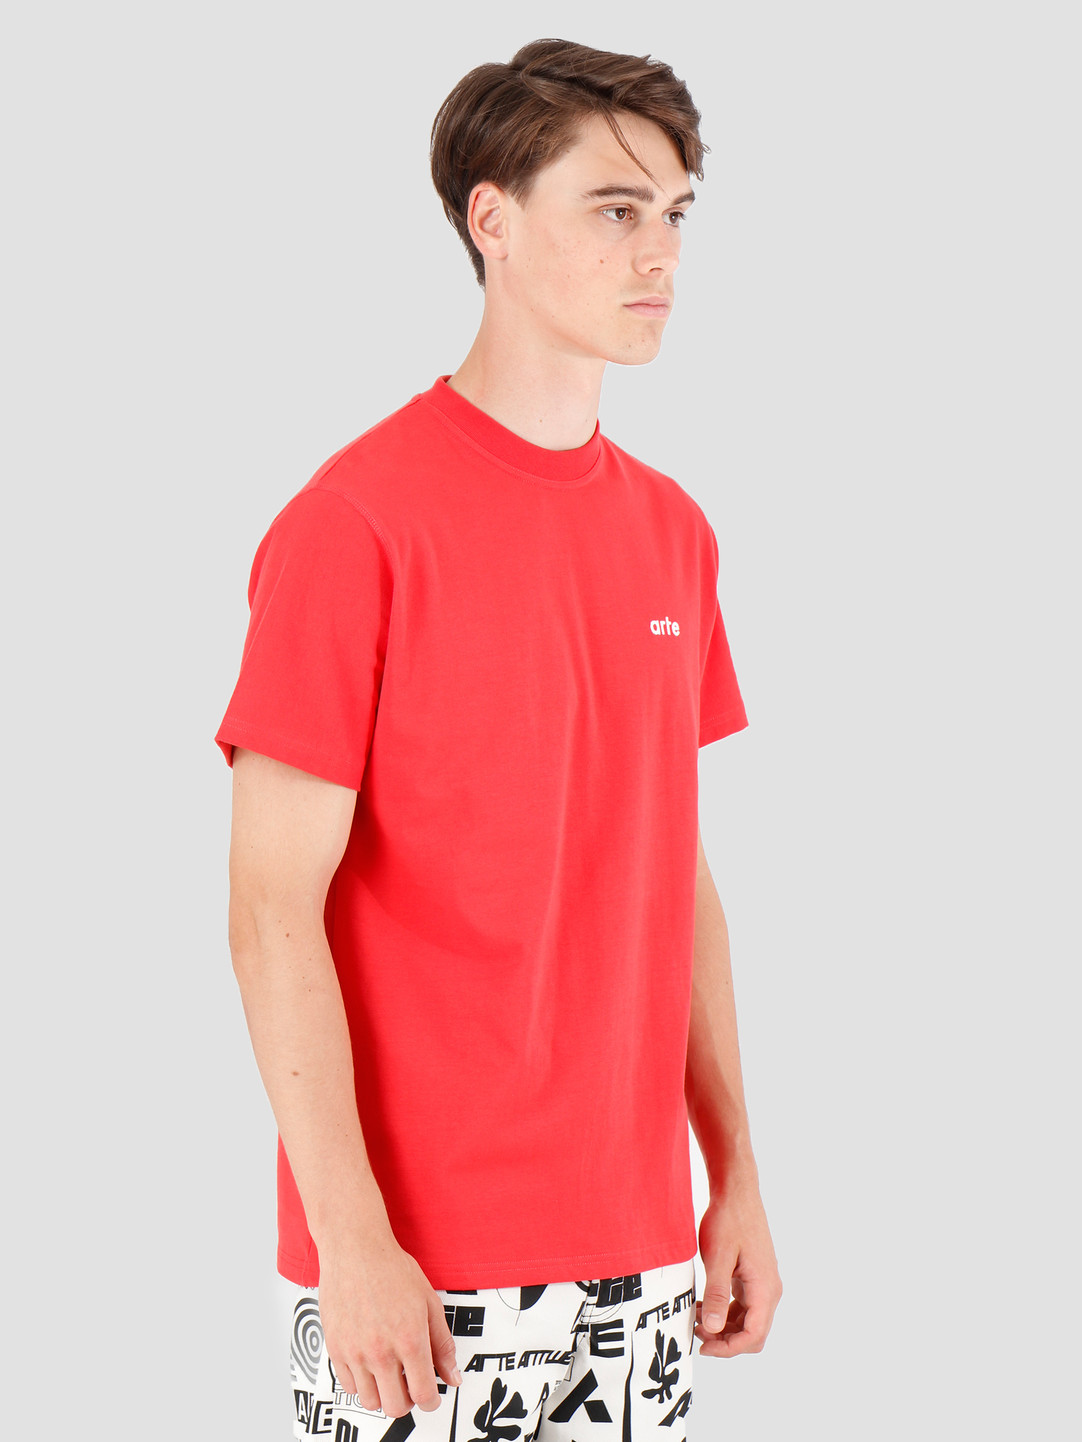 Arte Antwerp Arte Antwerp Tyler T-Shirt Red AW19-048